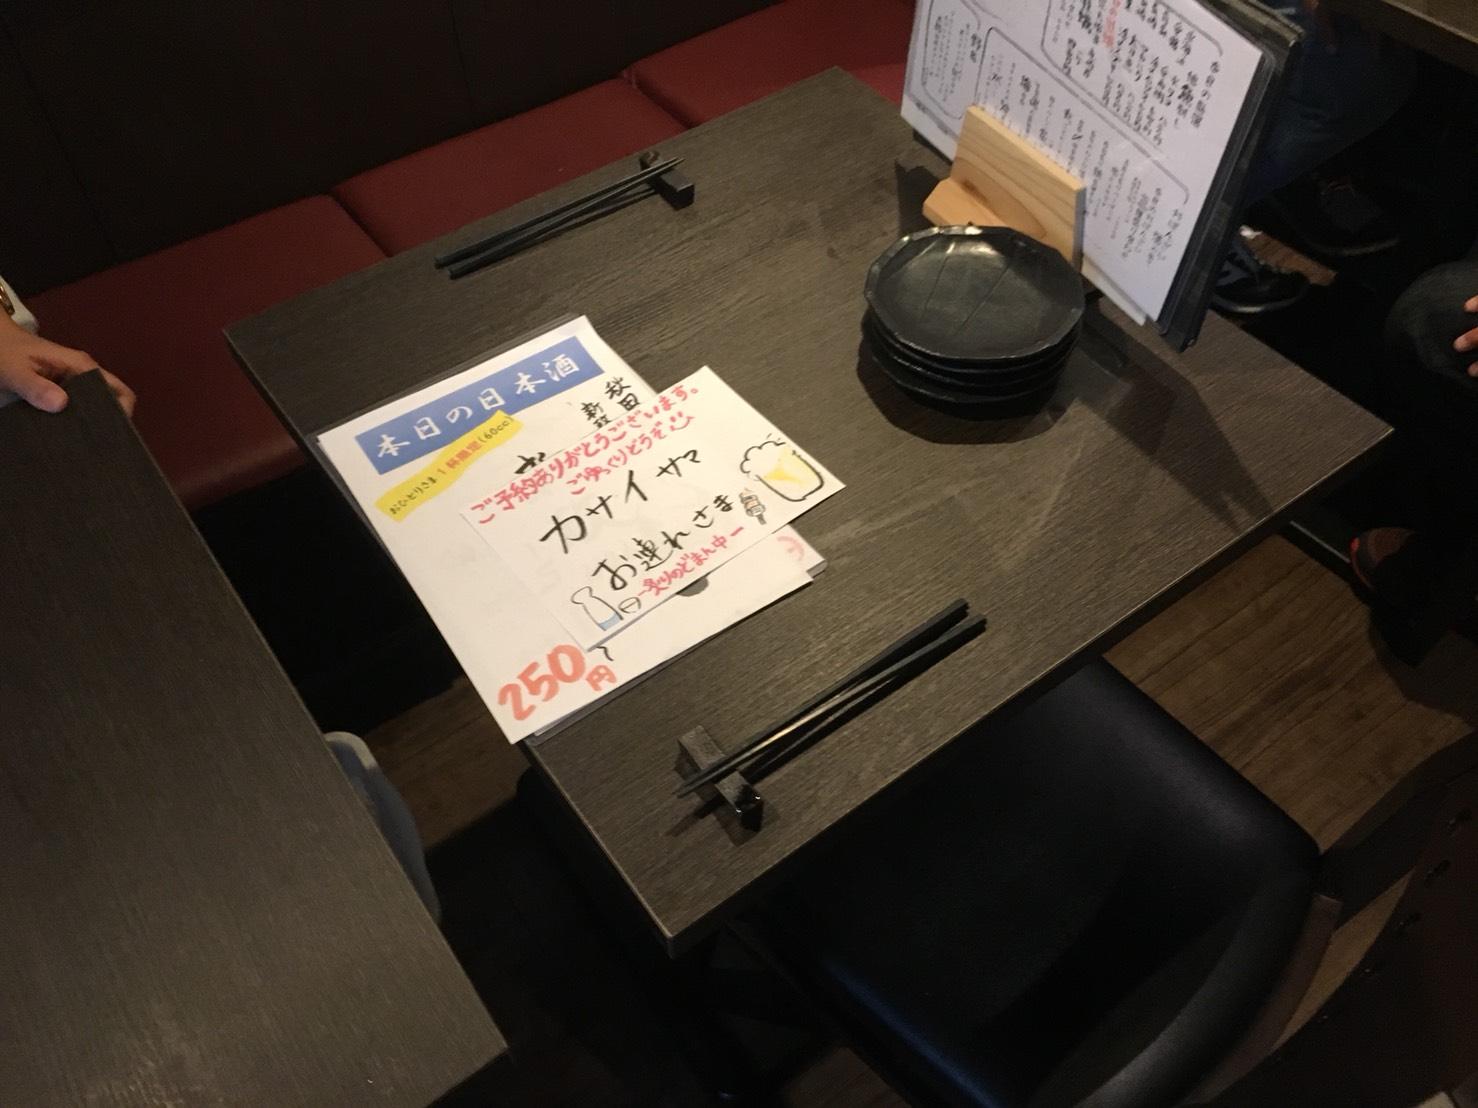 【高田馬場駅】最強のレモンサワーでノックアウト「炙りのどまん中」のテーブル